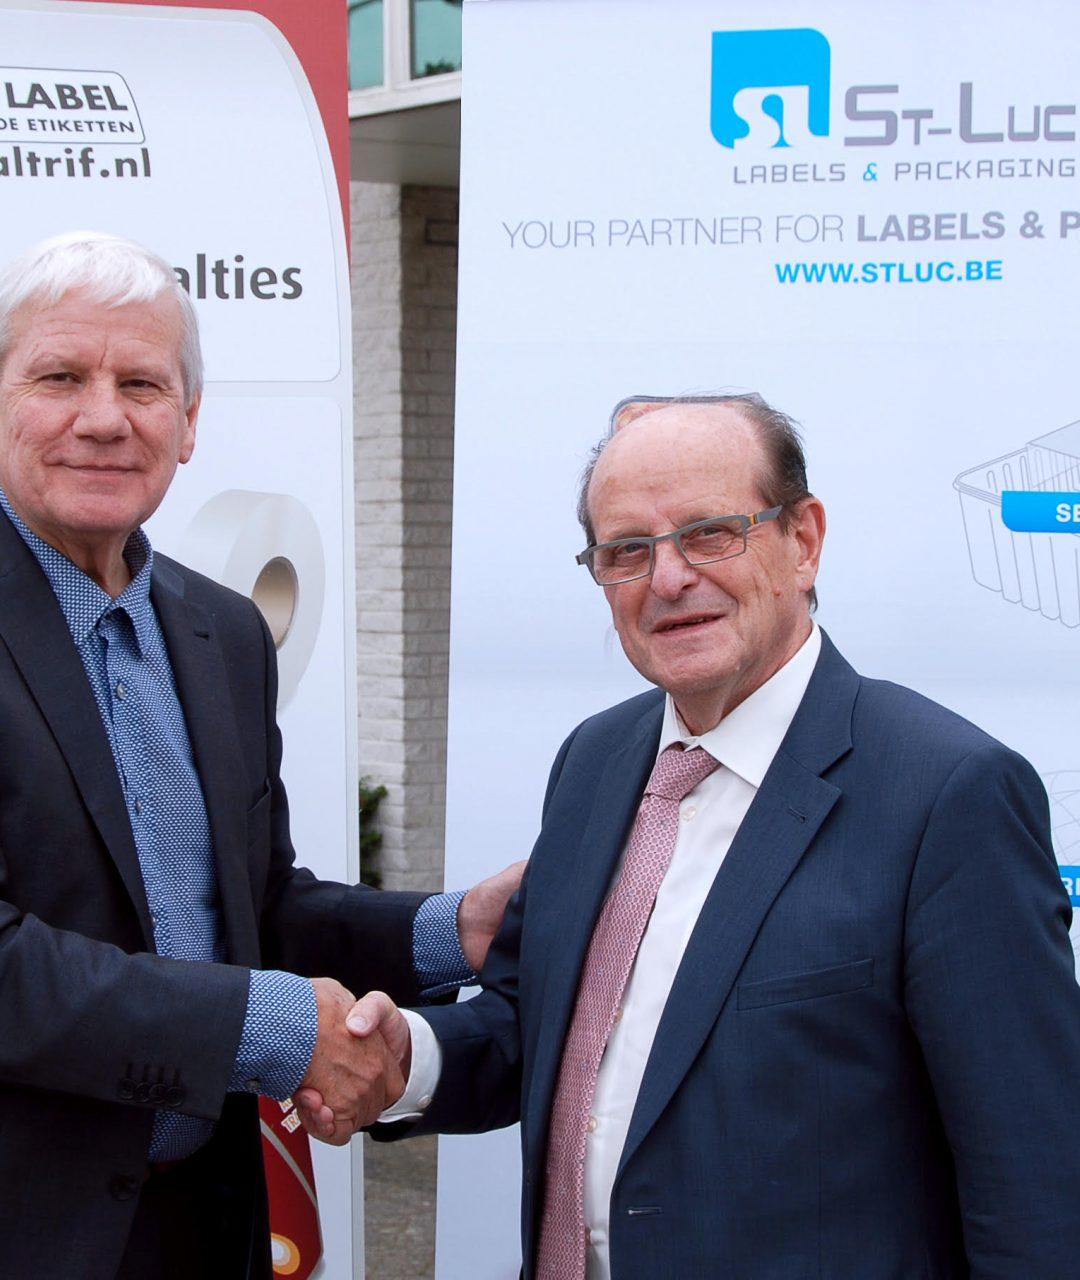 St-Luc fait l'acquisition de Altrif Label